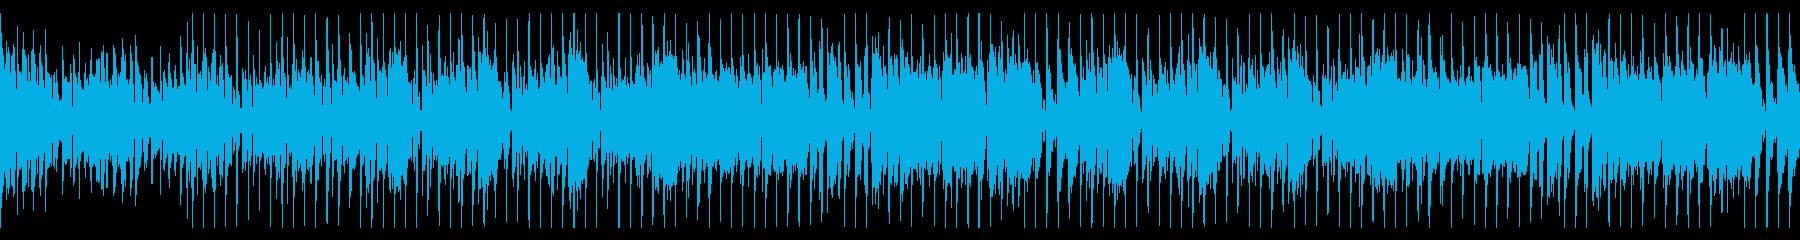 元気なブラスのディスコファンク/ループ可の再生済みの波形